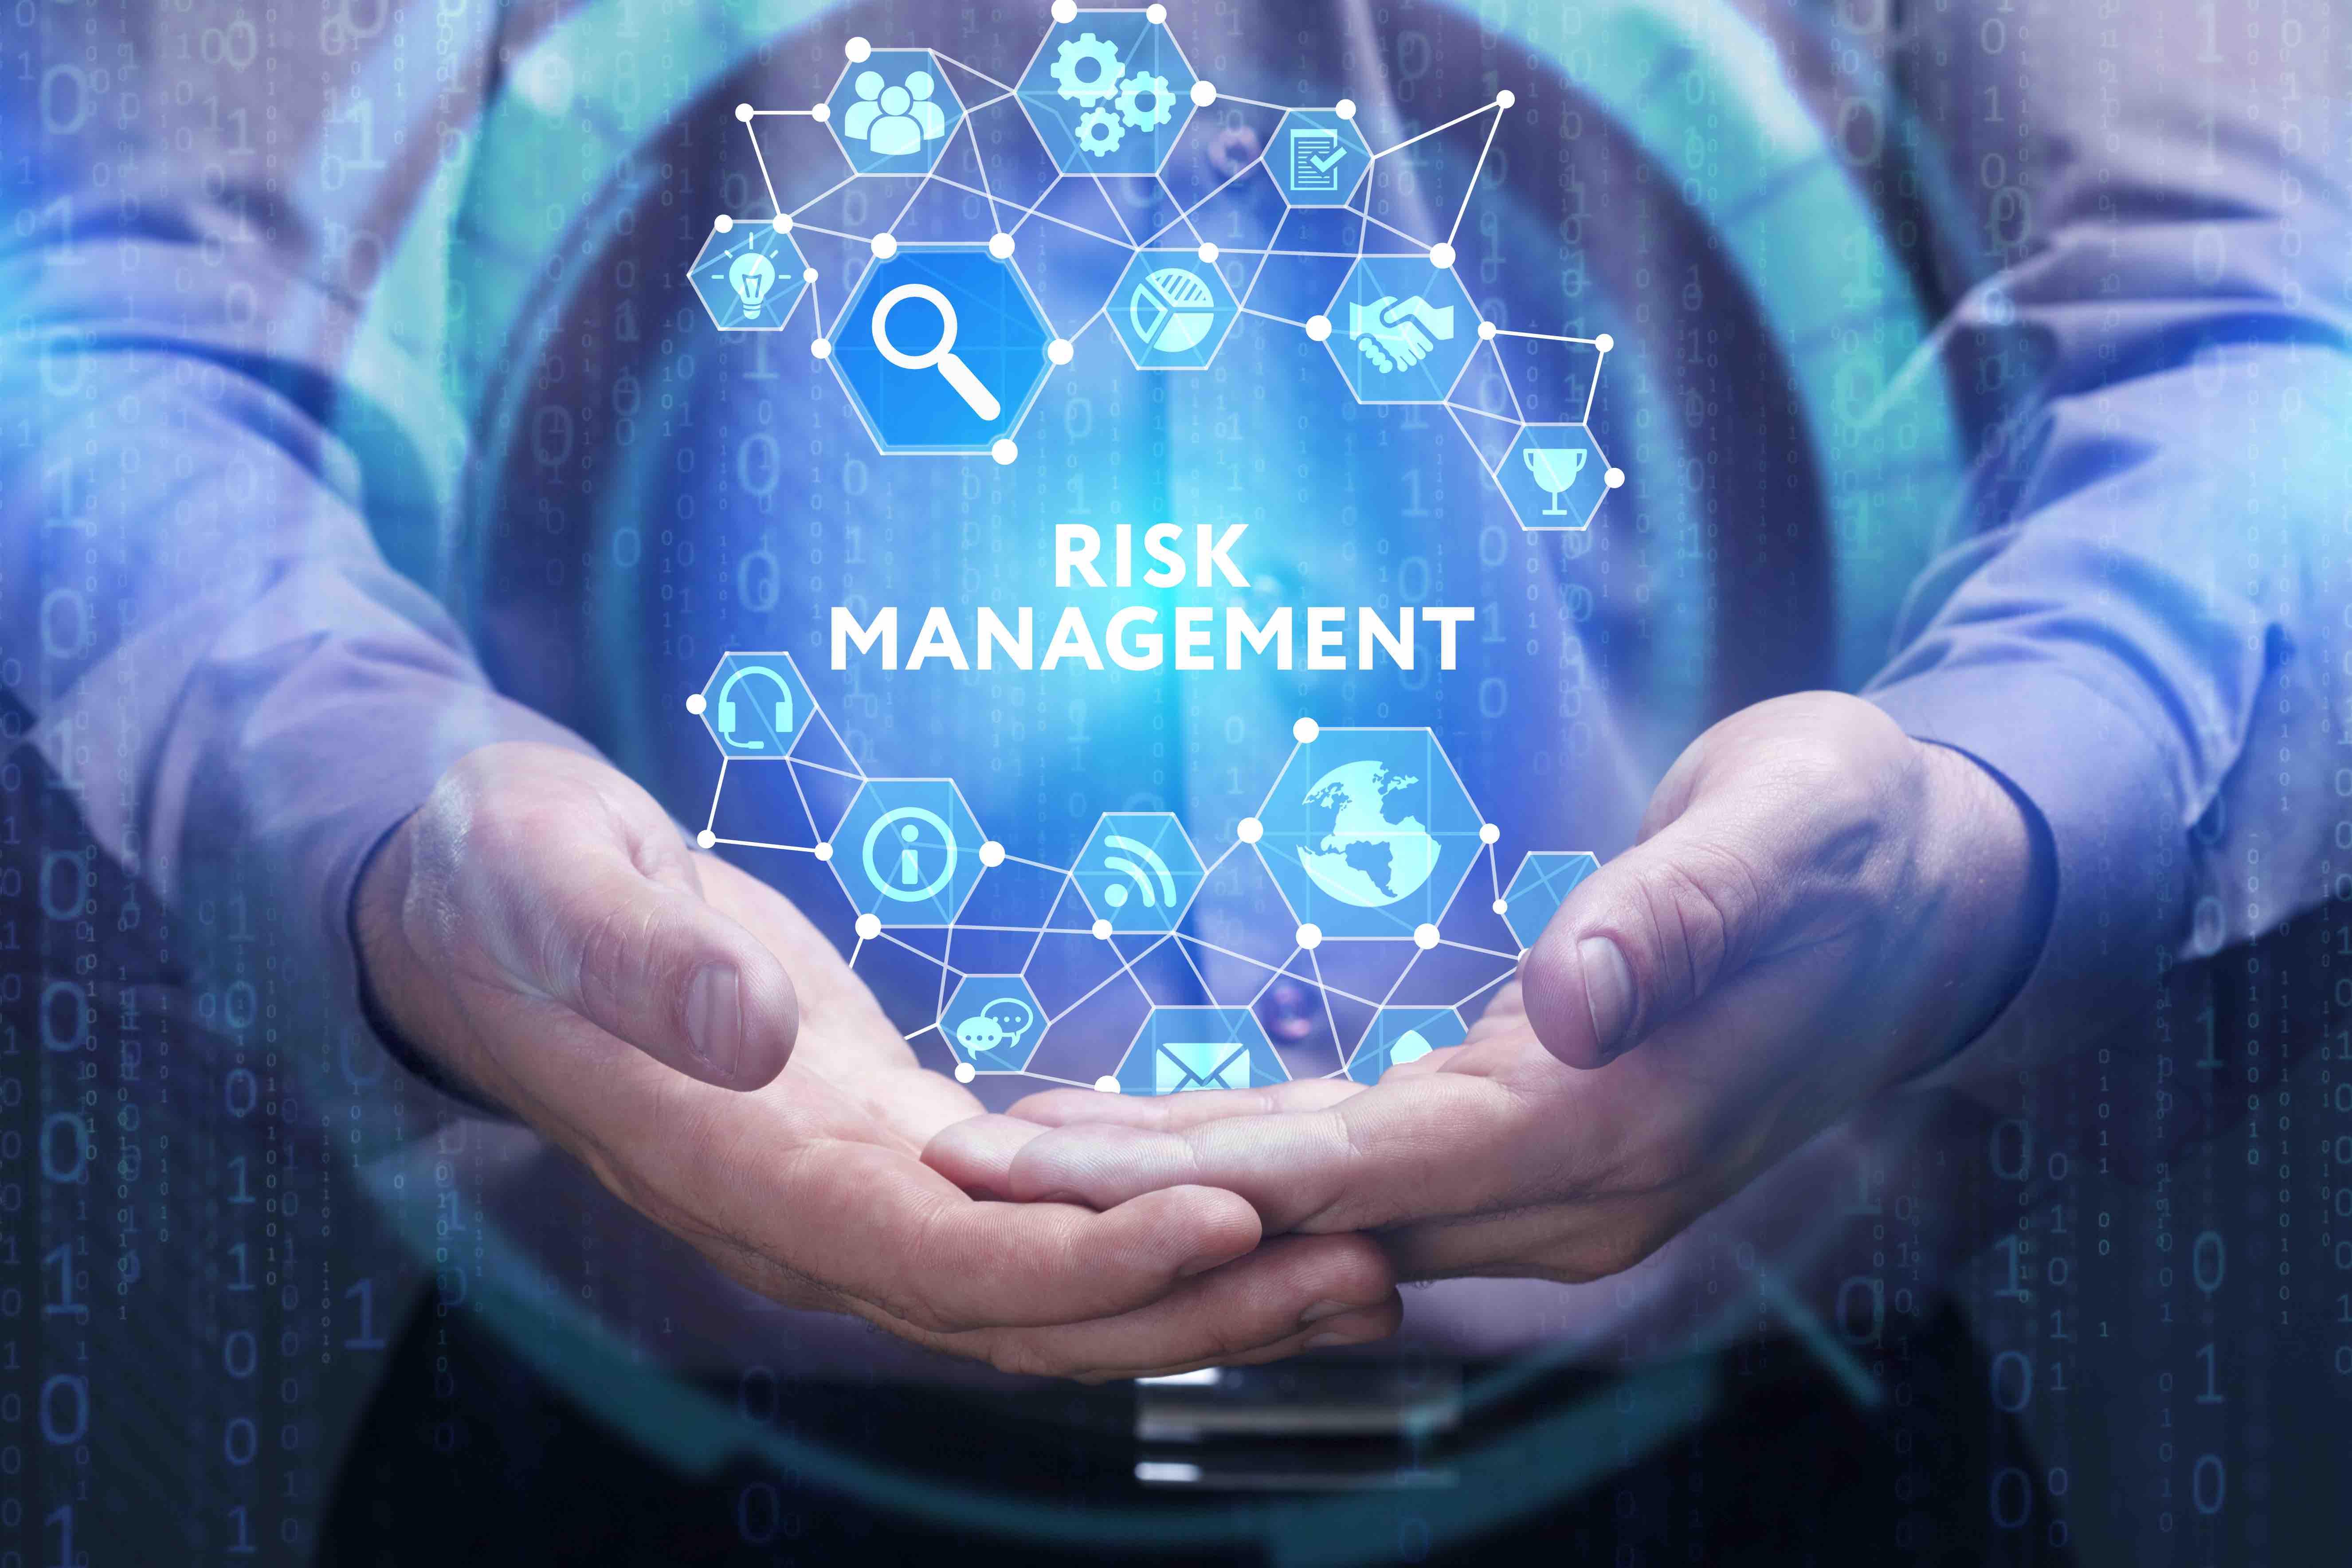 Om een organisatie goed te kunnen managen, is risicomanagement onmisbaar. Het in kaart brengen van alle risico's die jouw organisatie kunnen raken, helpt bij het tijdig signaleren en, indien mogelijk, bij het voorkomen van knelpunten. Met een nulmeting weet je snel waar je staat. En nog belangrijker: op welke risico's je proactief moet inspelen om de knelpunten te voorkomen. De HighQ Quick Scan biedt je de oplossing voor dit vraagstuk.